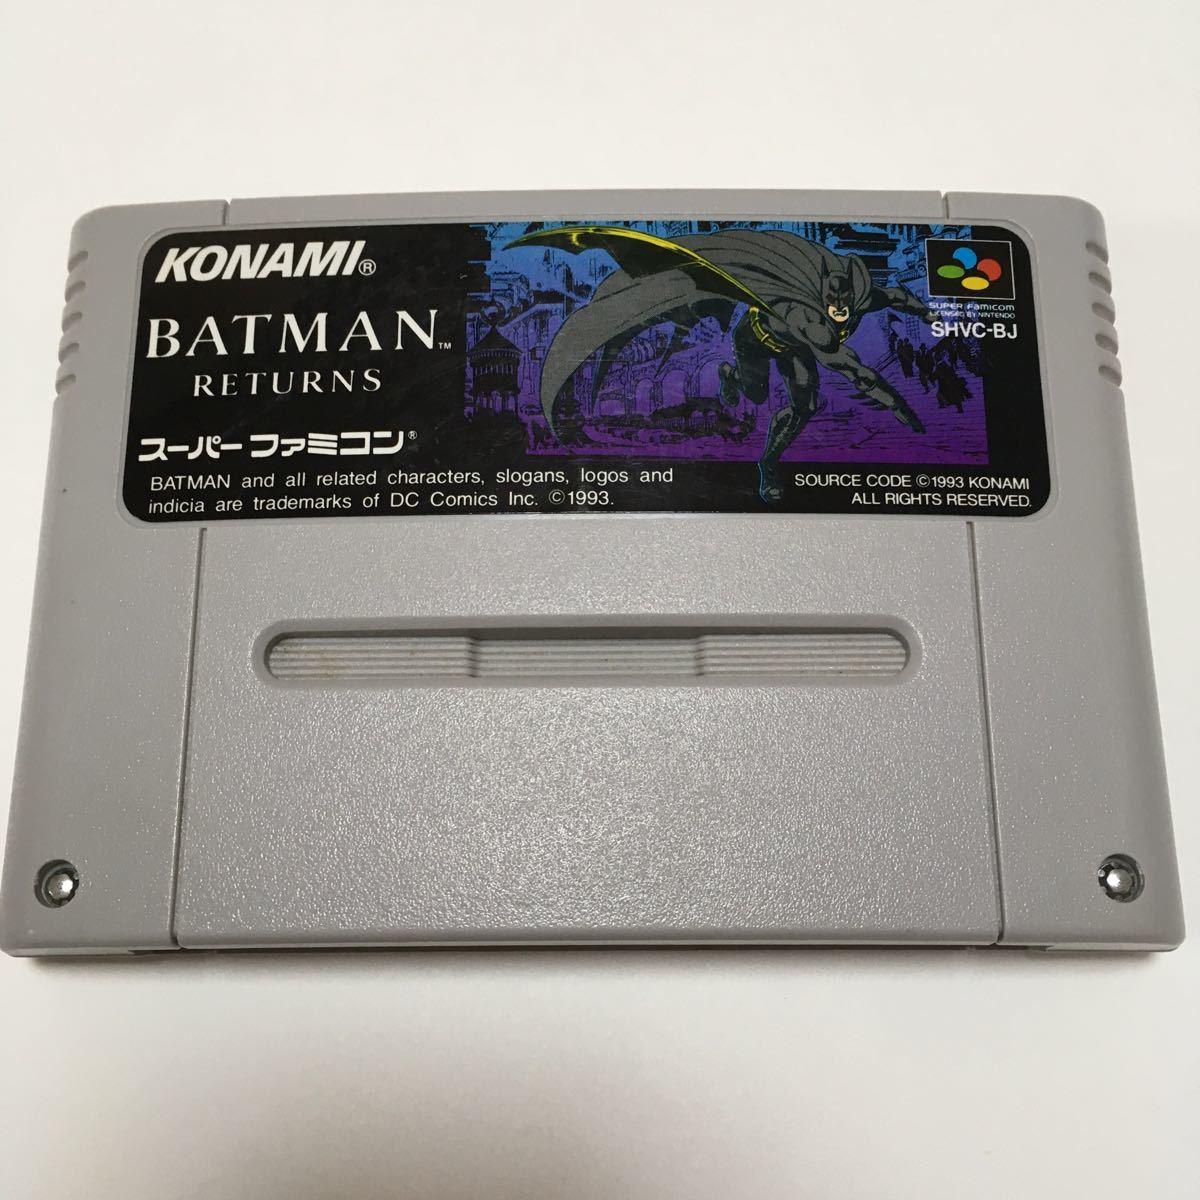 スーパーファミコン ソフト バットマン リターンズ 動作確認済み カセット レトロ ゲーム スーファミ KONAMI  任天堂